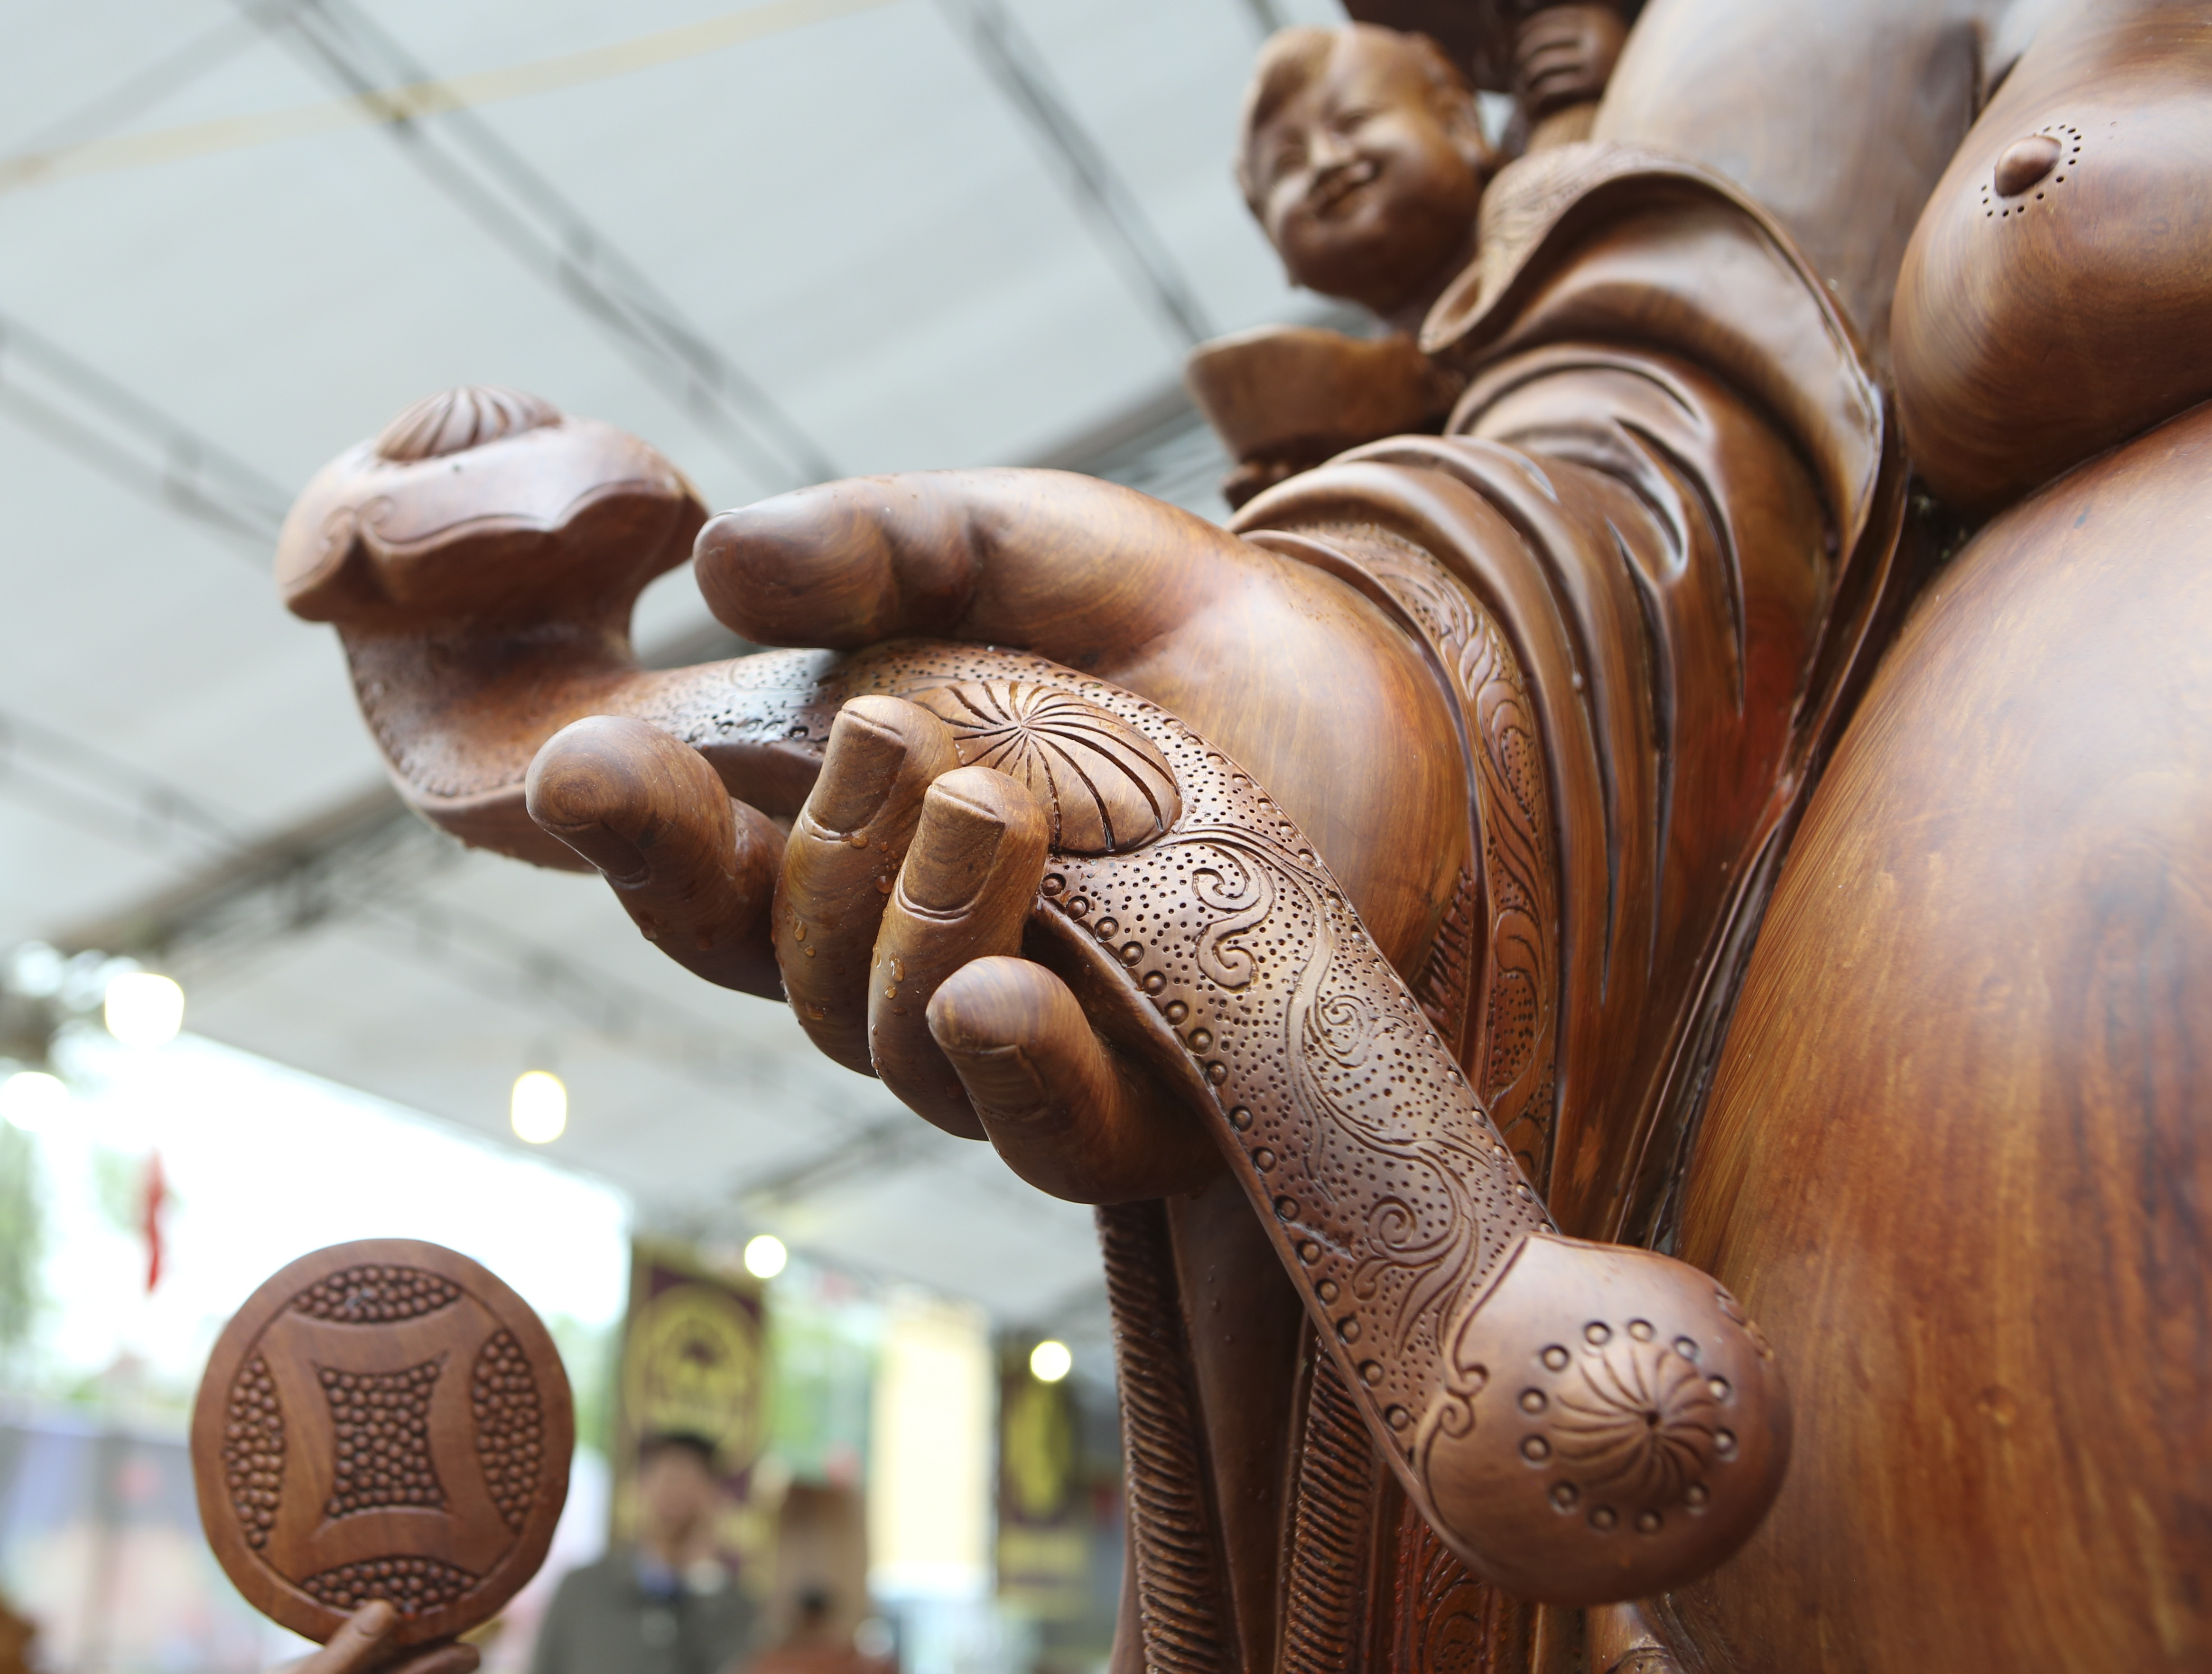 Choáng với bức tượng Phật Di Lặc Cửu tặc làm bằng gỗ hương giá 1 tỷ đồng - 7